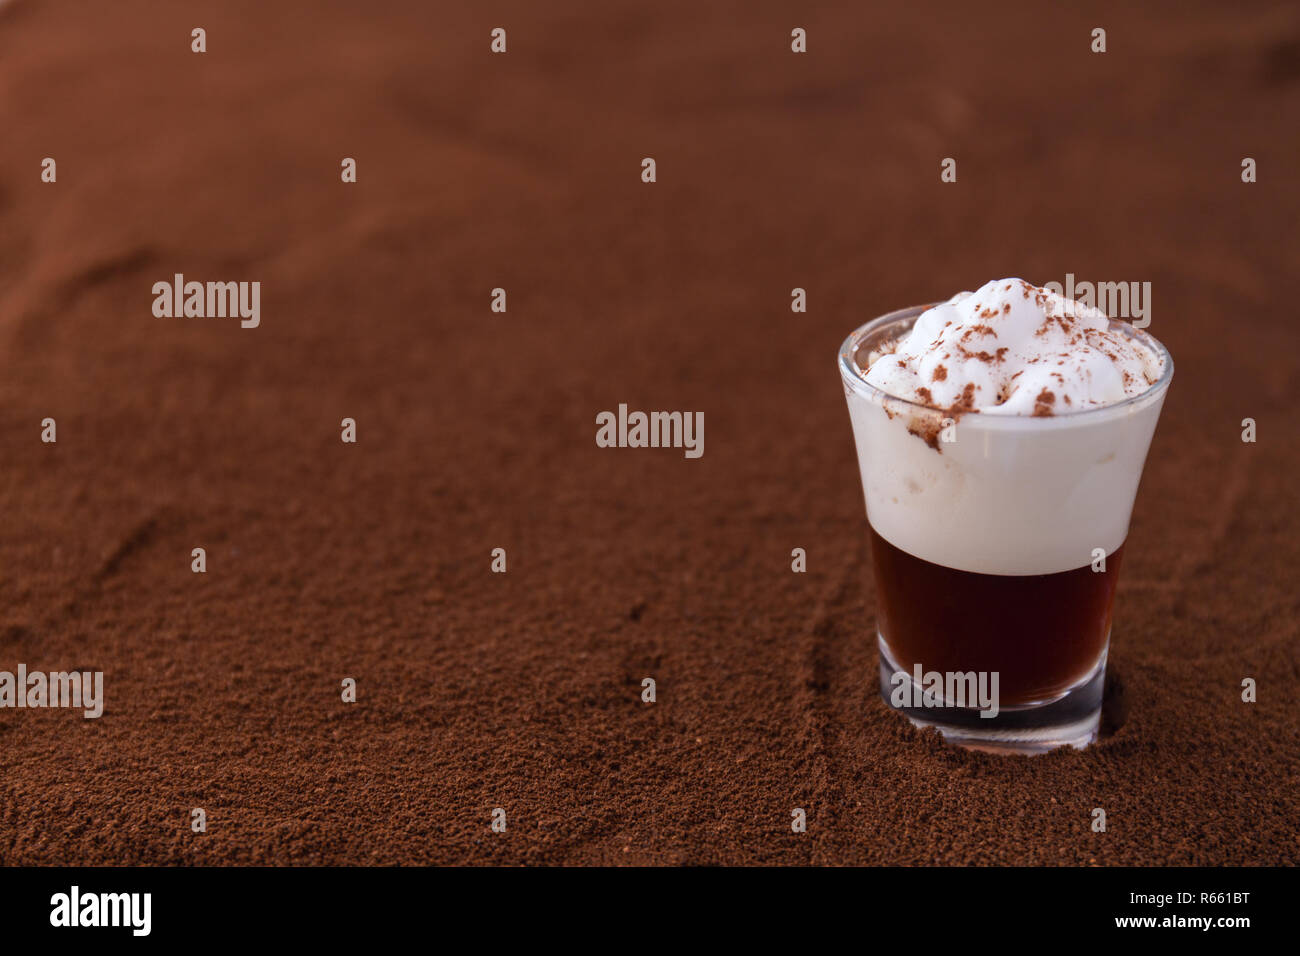 Poco taza de piccolo latte macchiato sobre una mesa cubierta con café molido como fondo Foto de stock